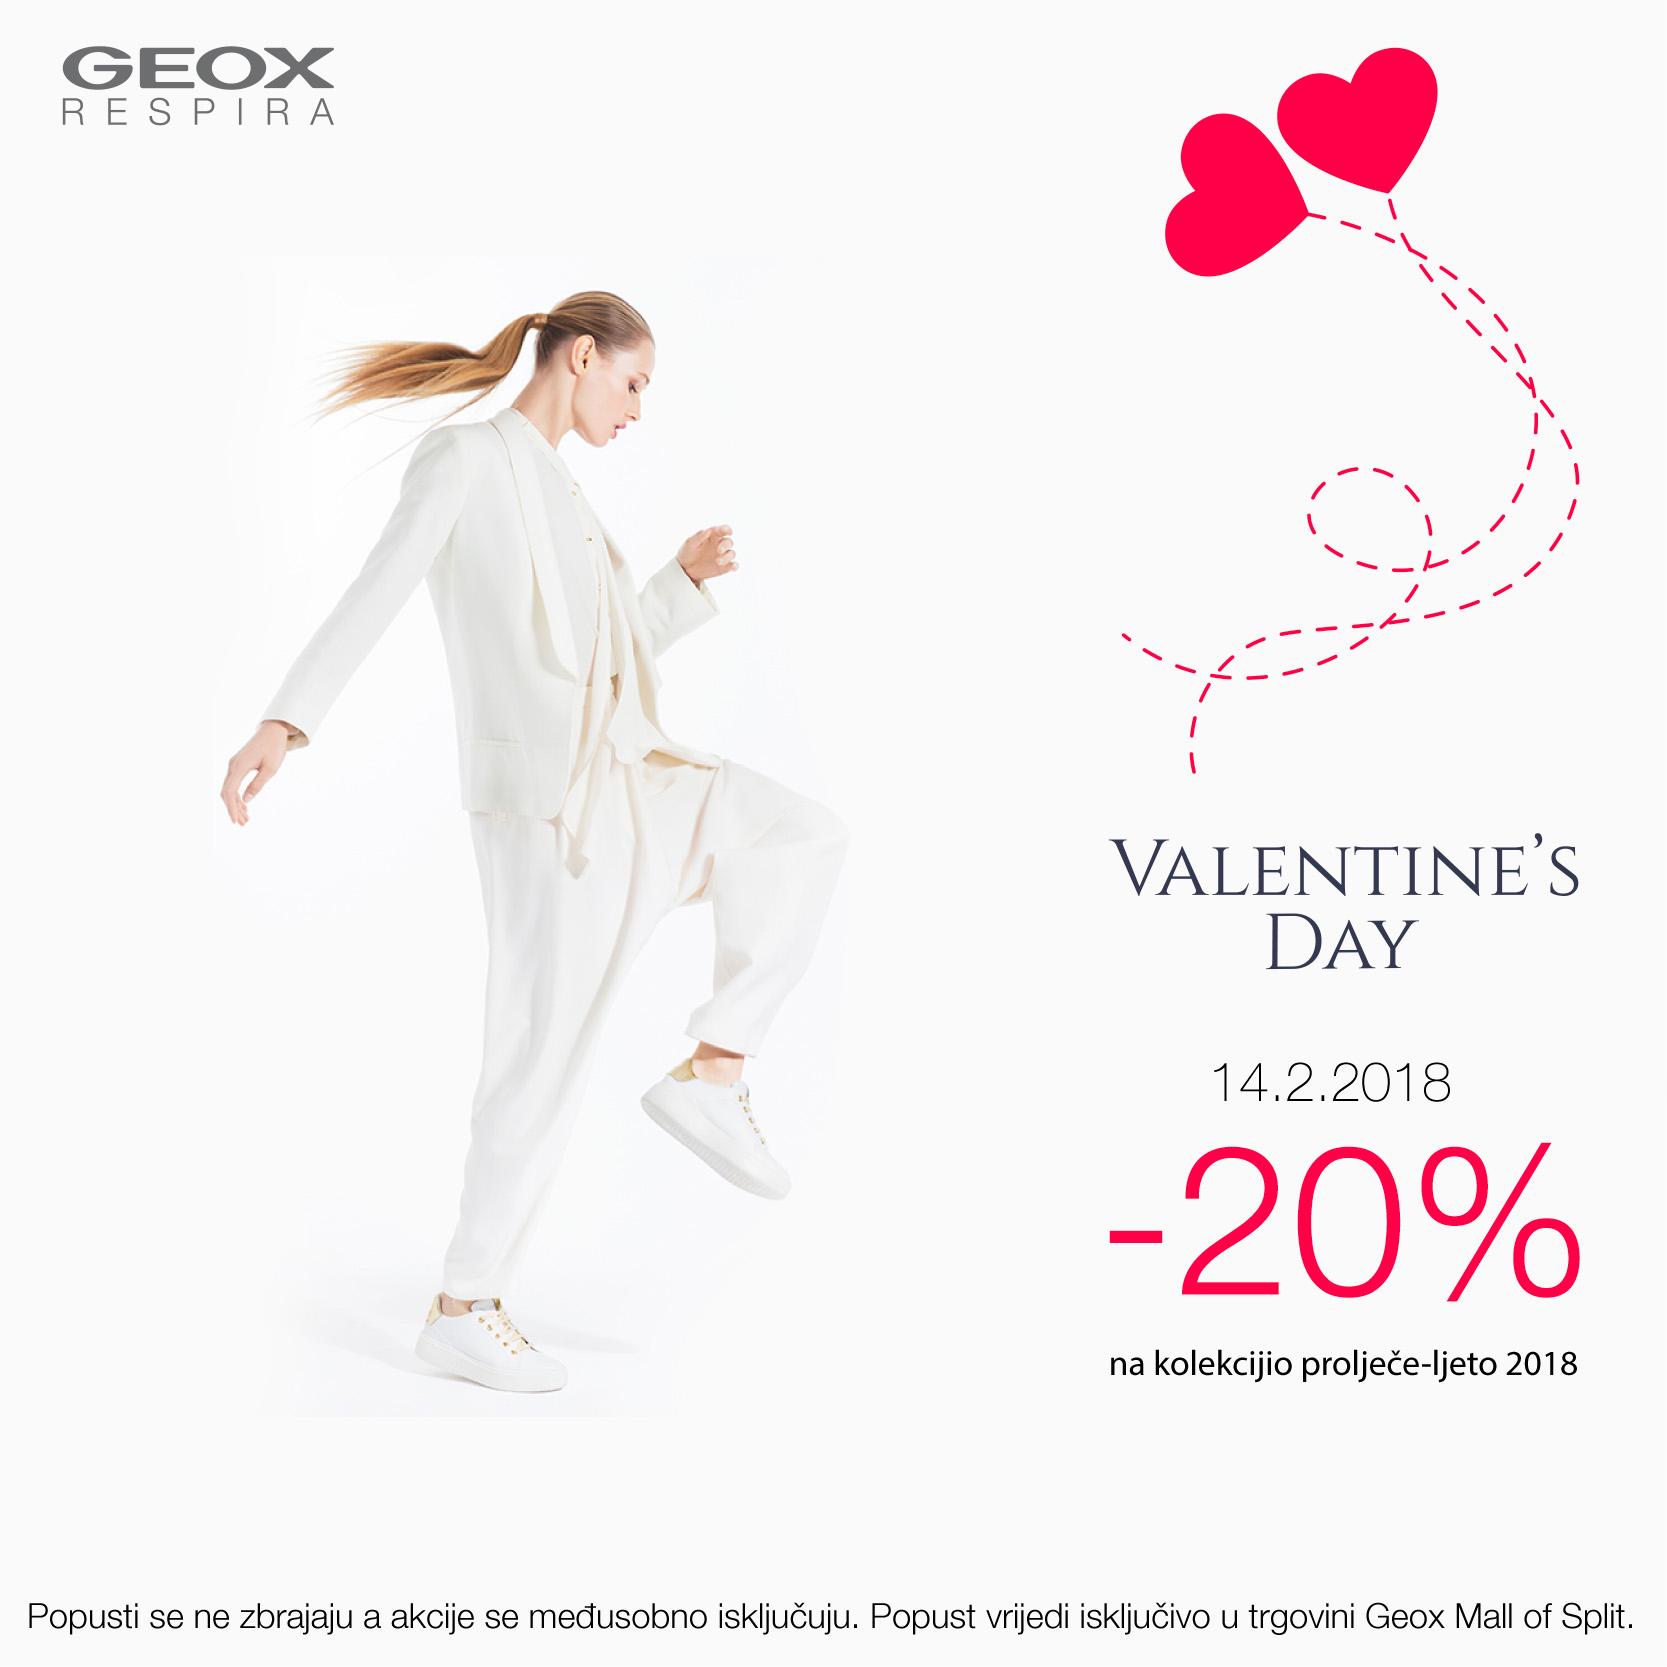 geox valentinovo akcije popust snizenja